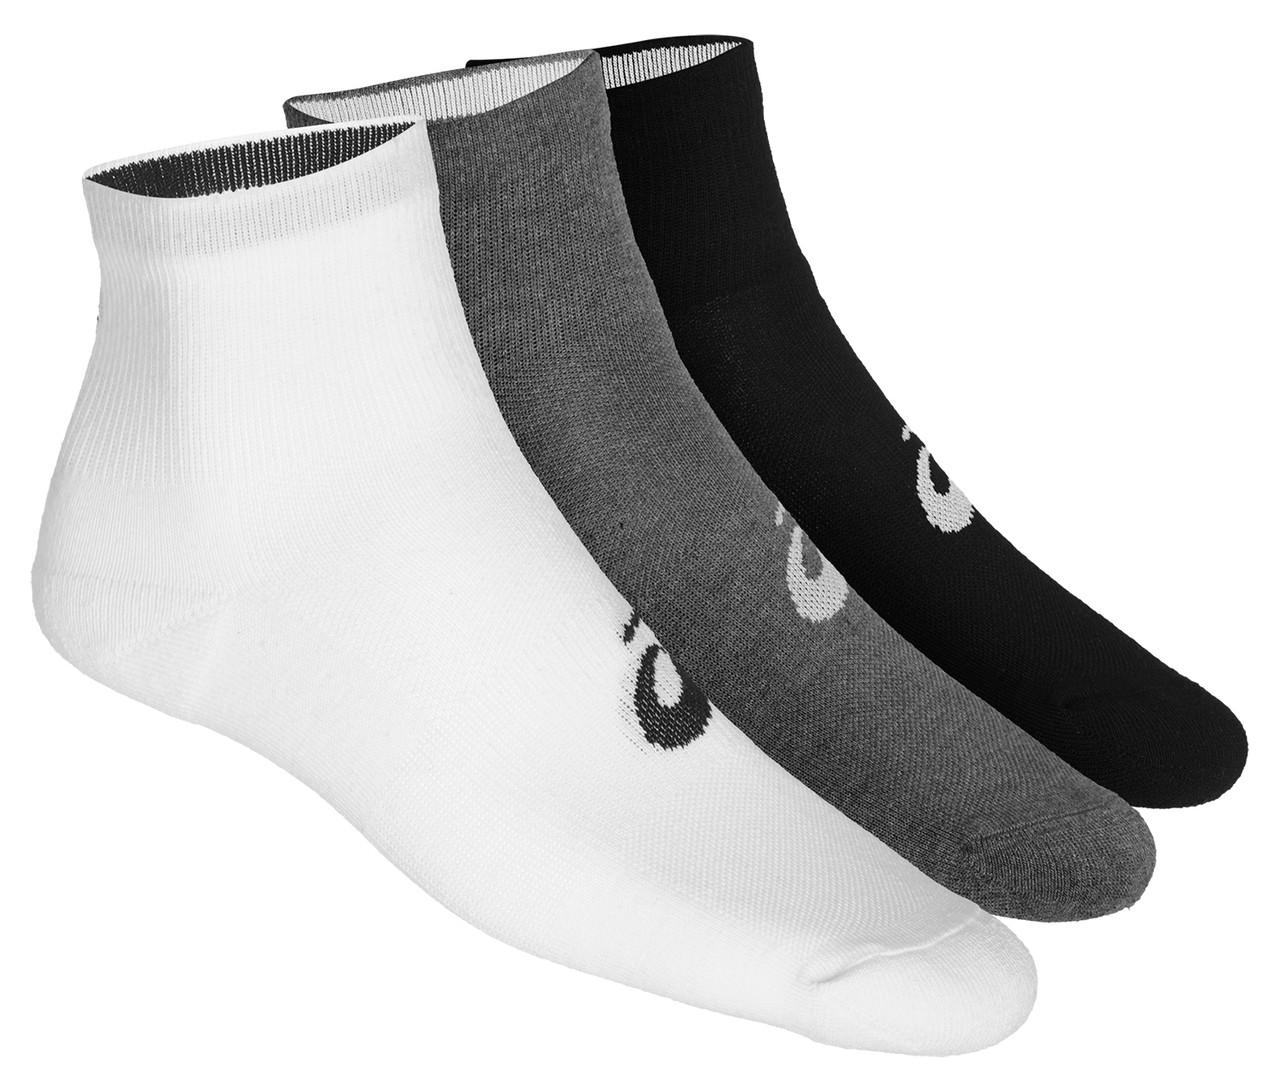 Носки Asics 3ppk Quarter Sock 155205 0701